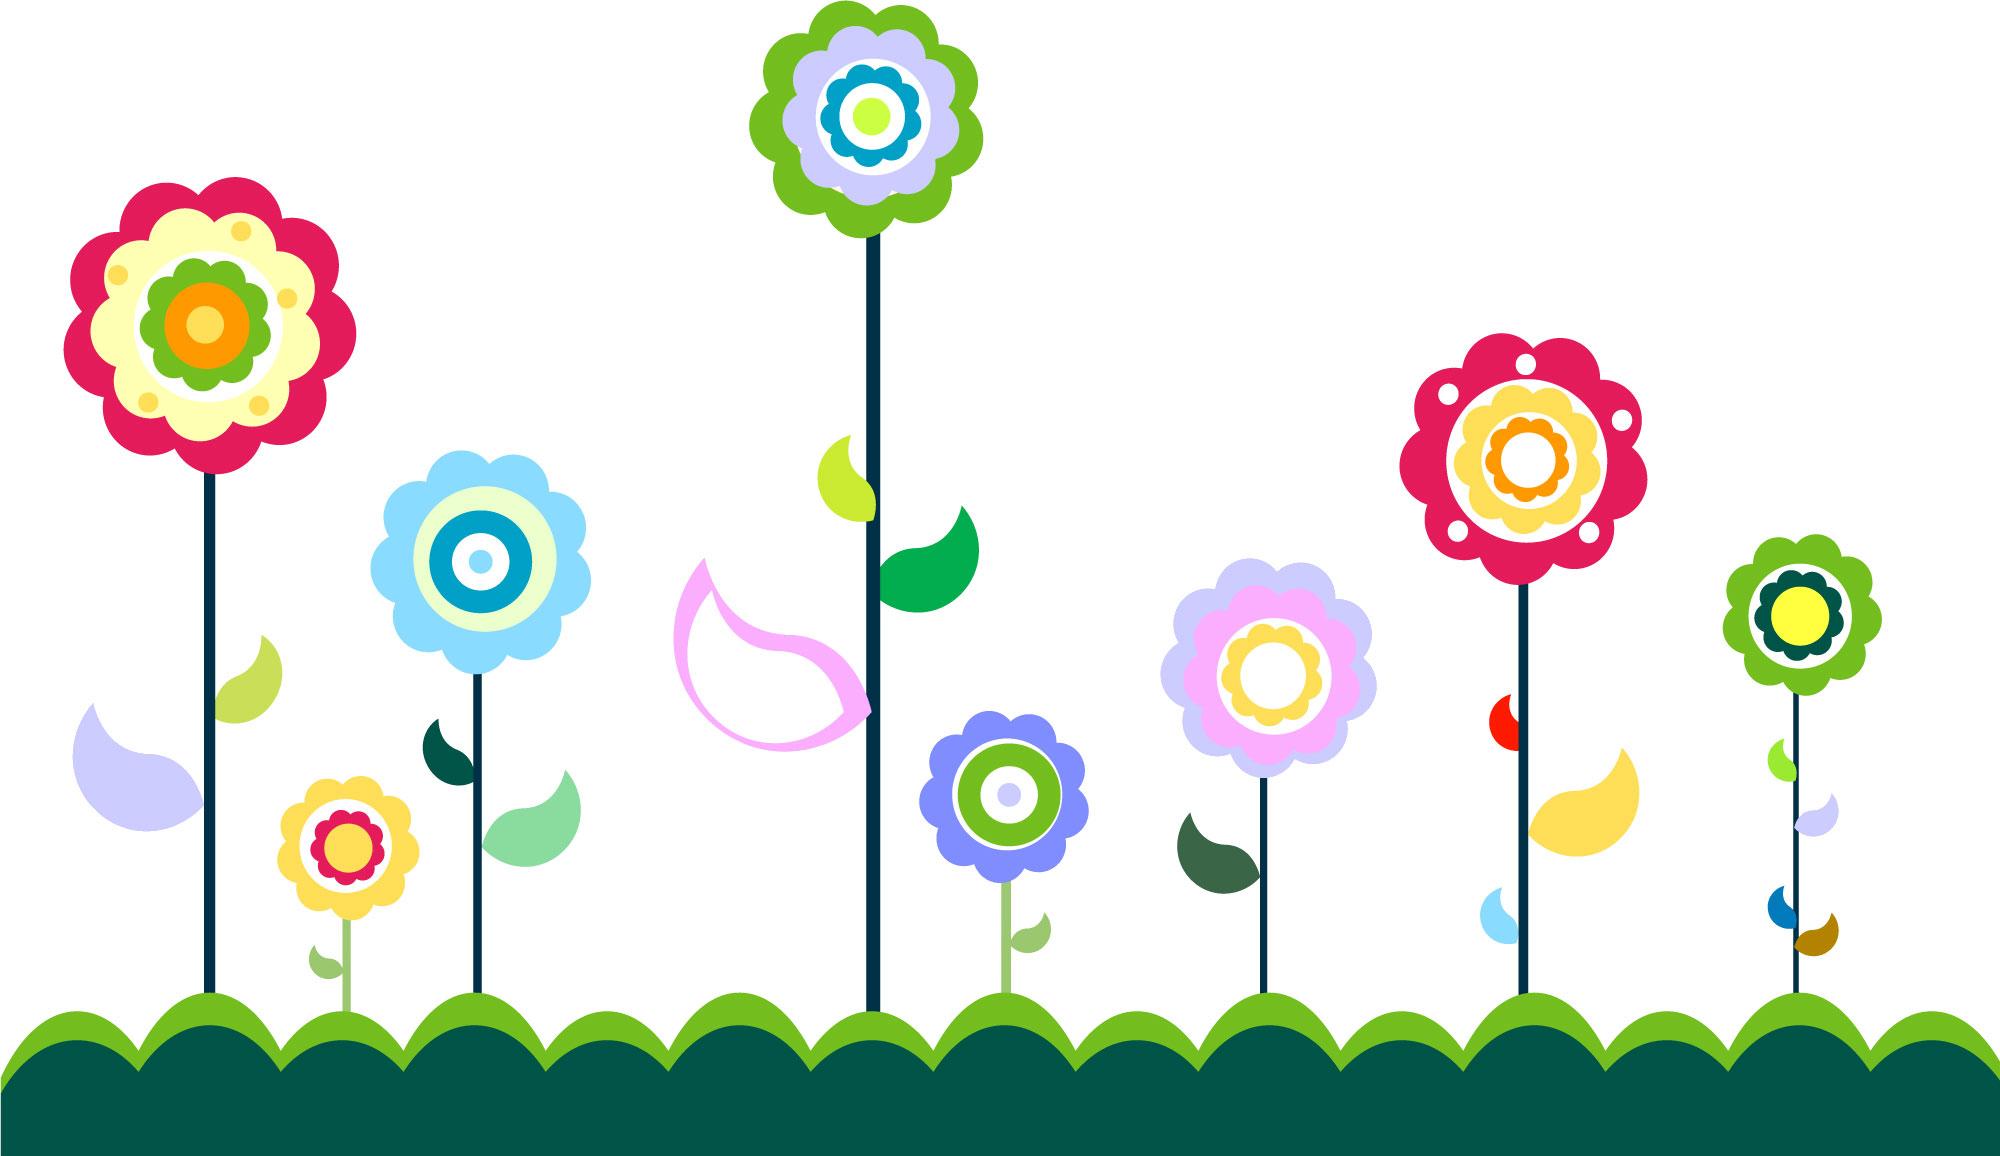 ポップでかわいい花のイラスト・フリー素材/No.053『カラフル